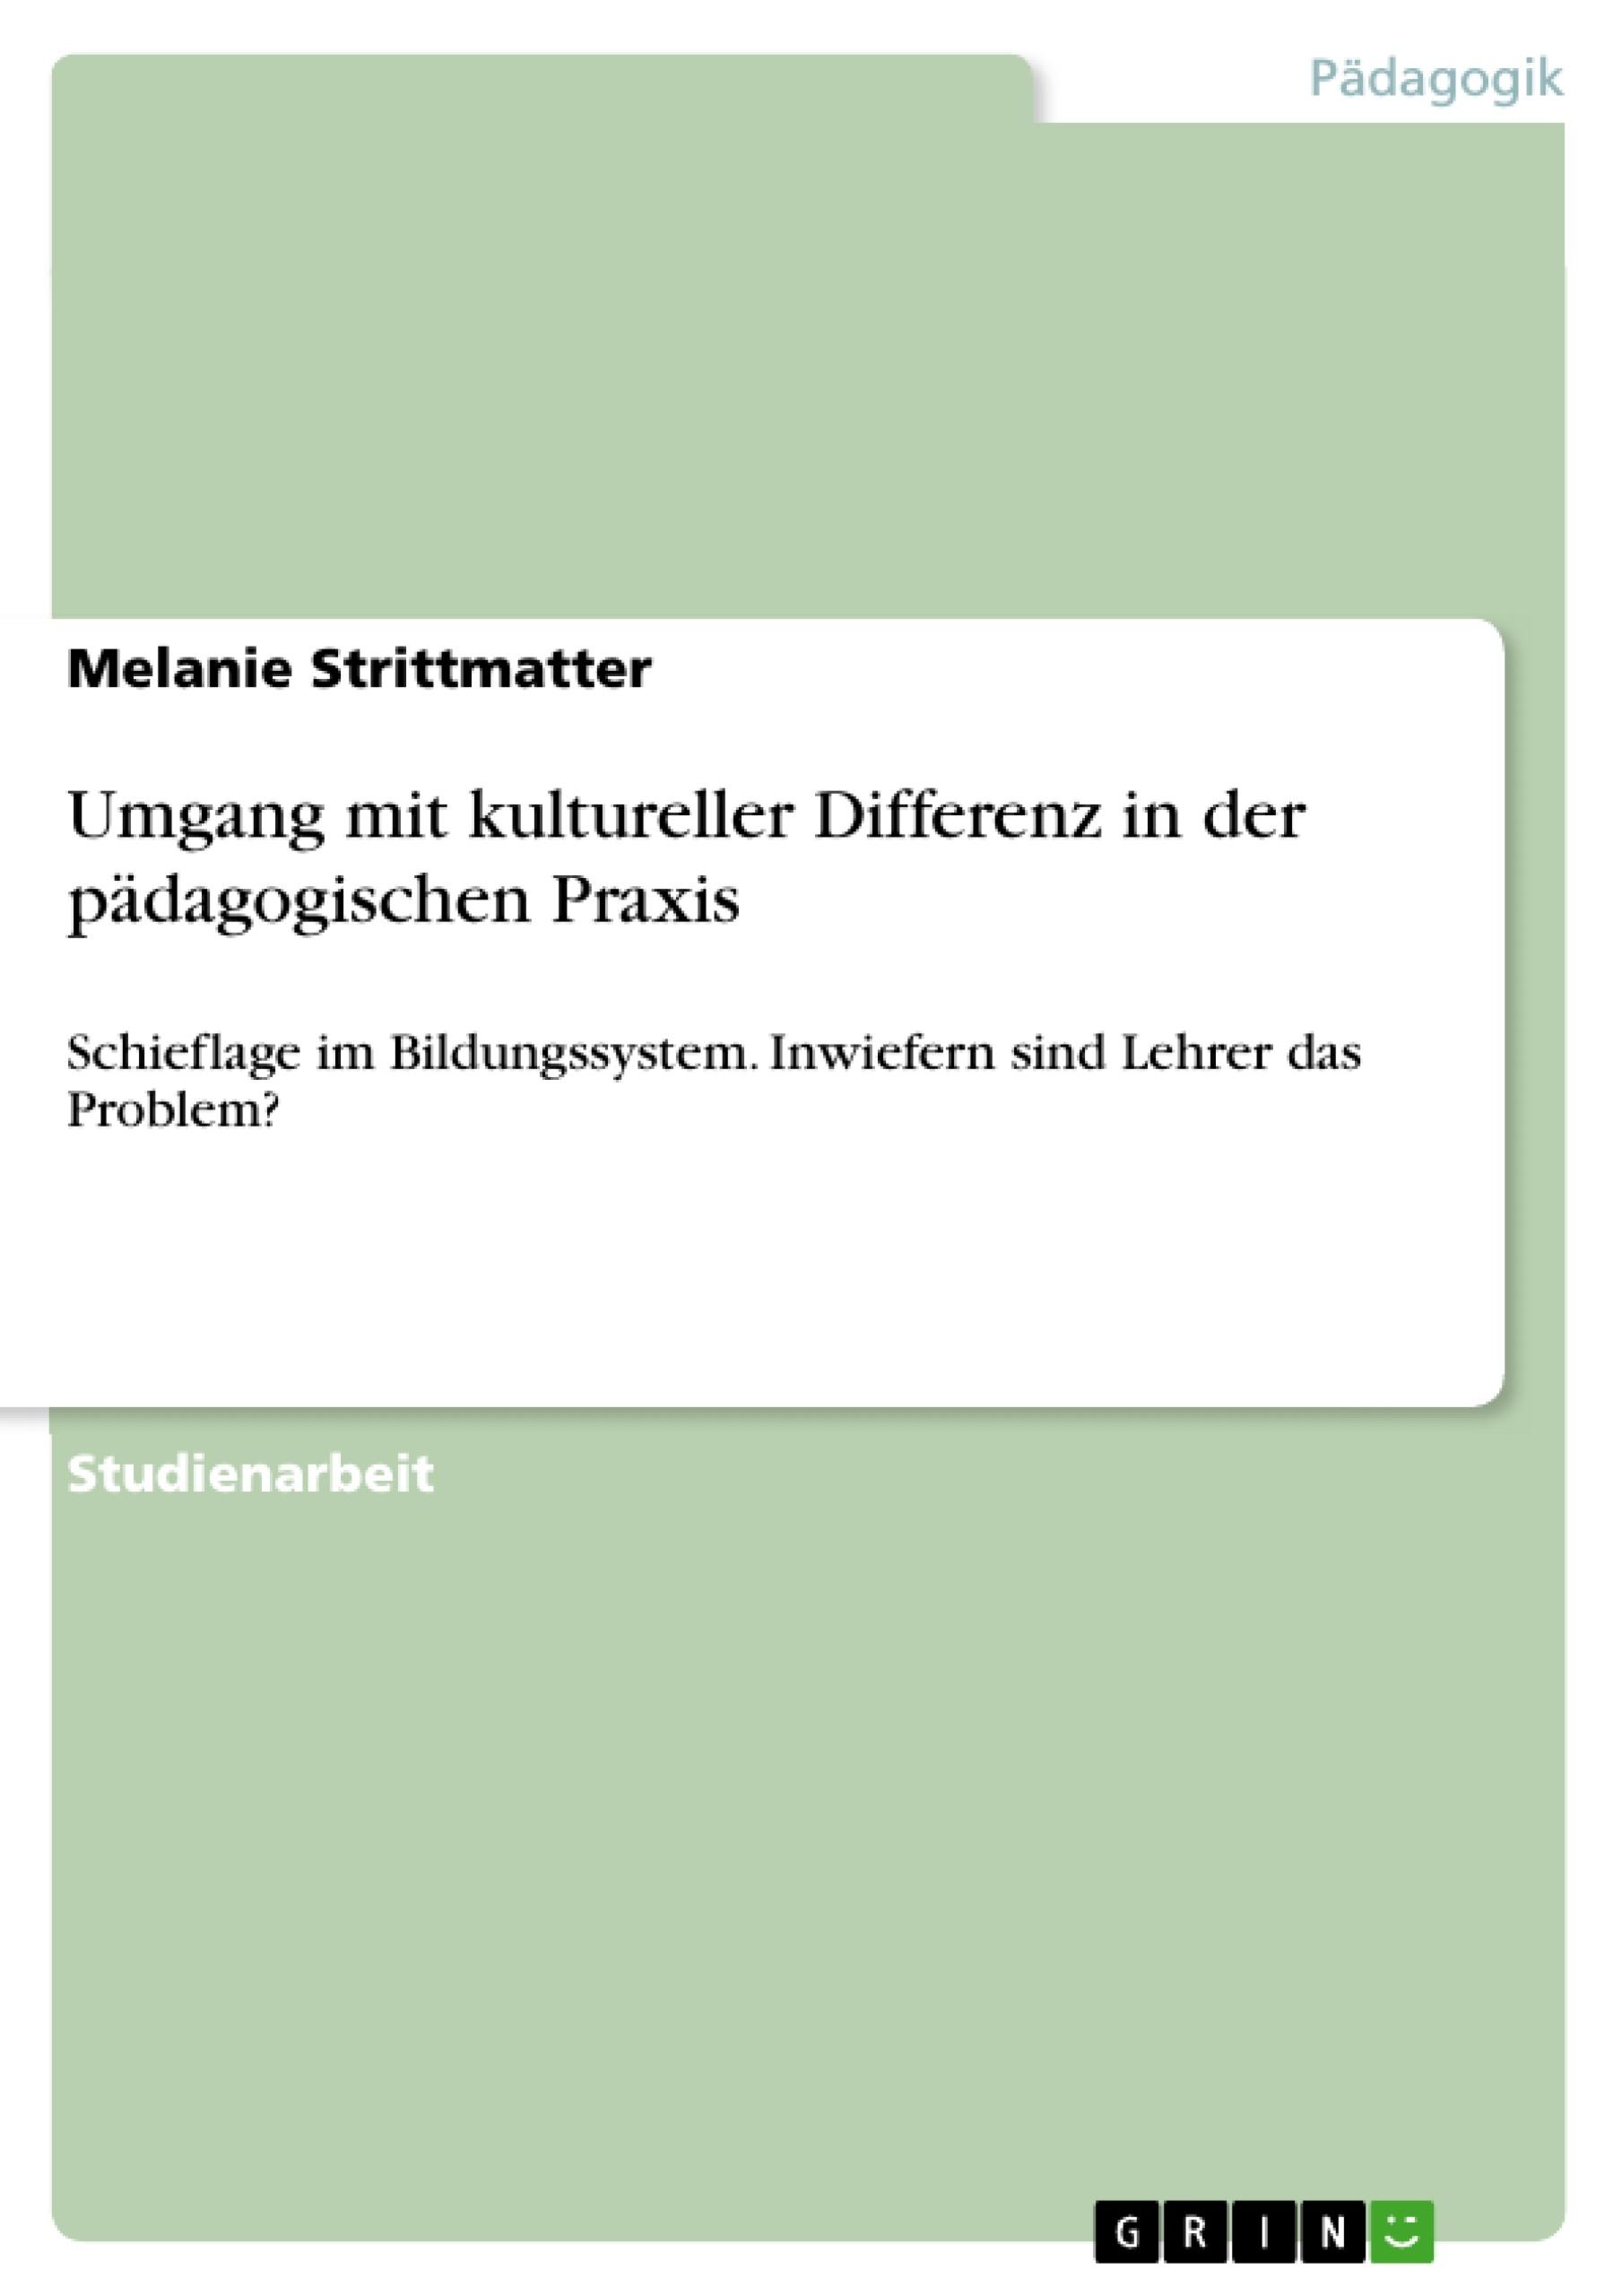 Titel: Umgang mit kultureller Differenz in der pädagogischen Praxis